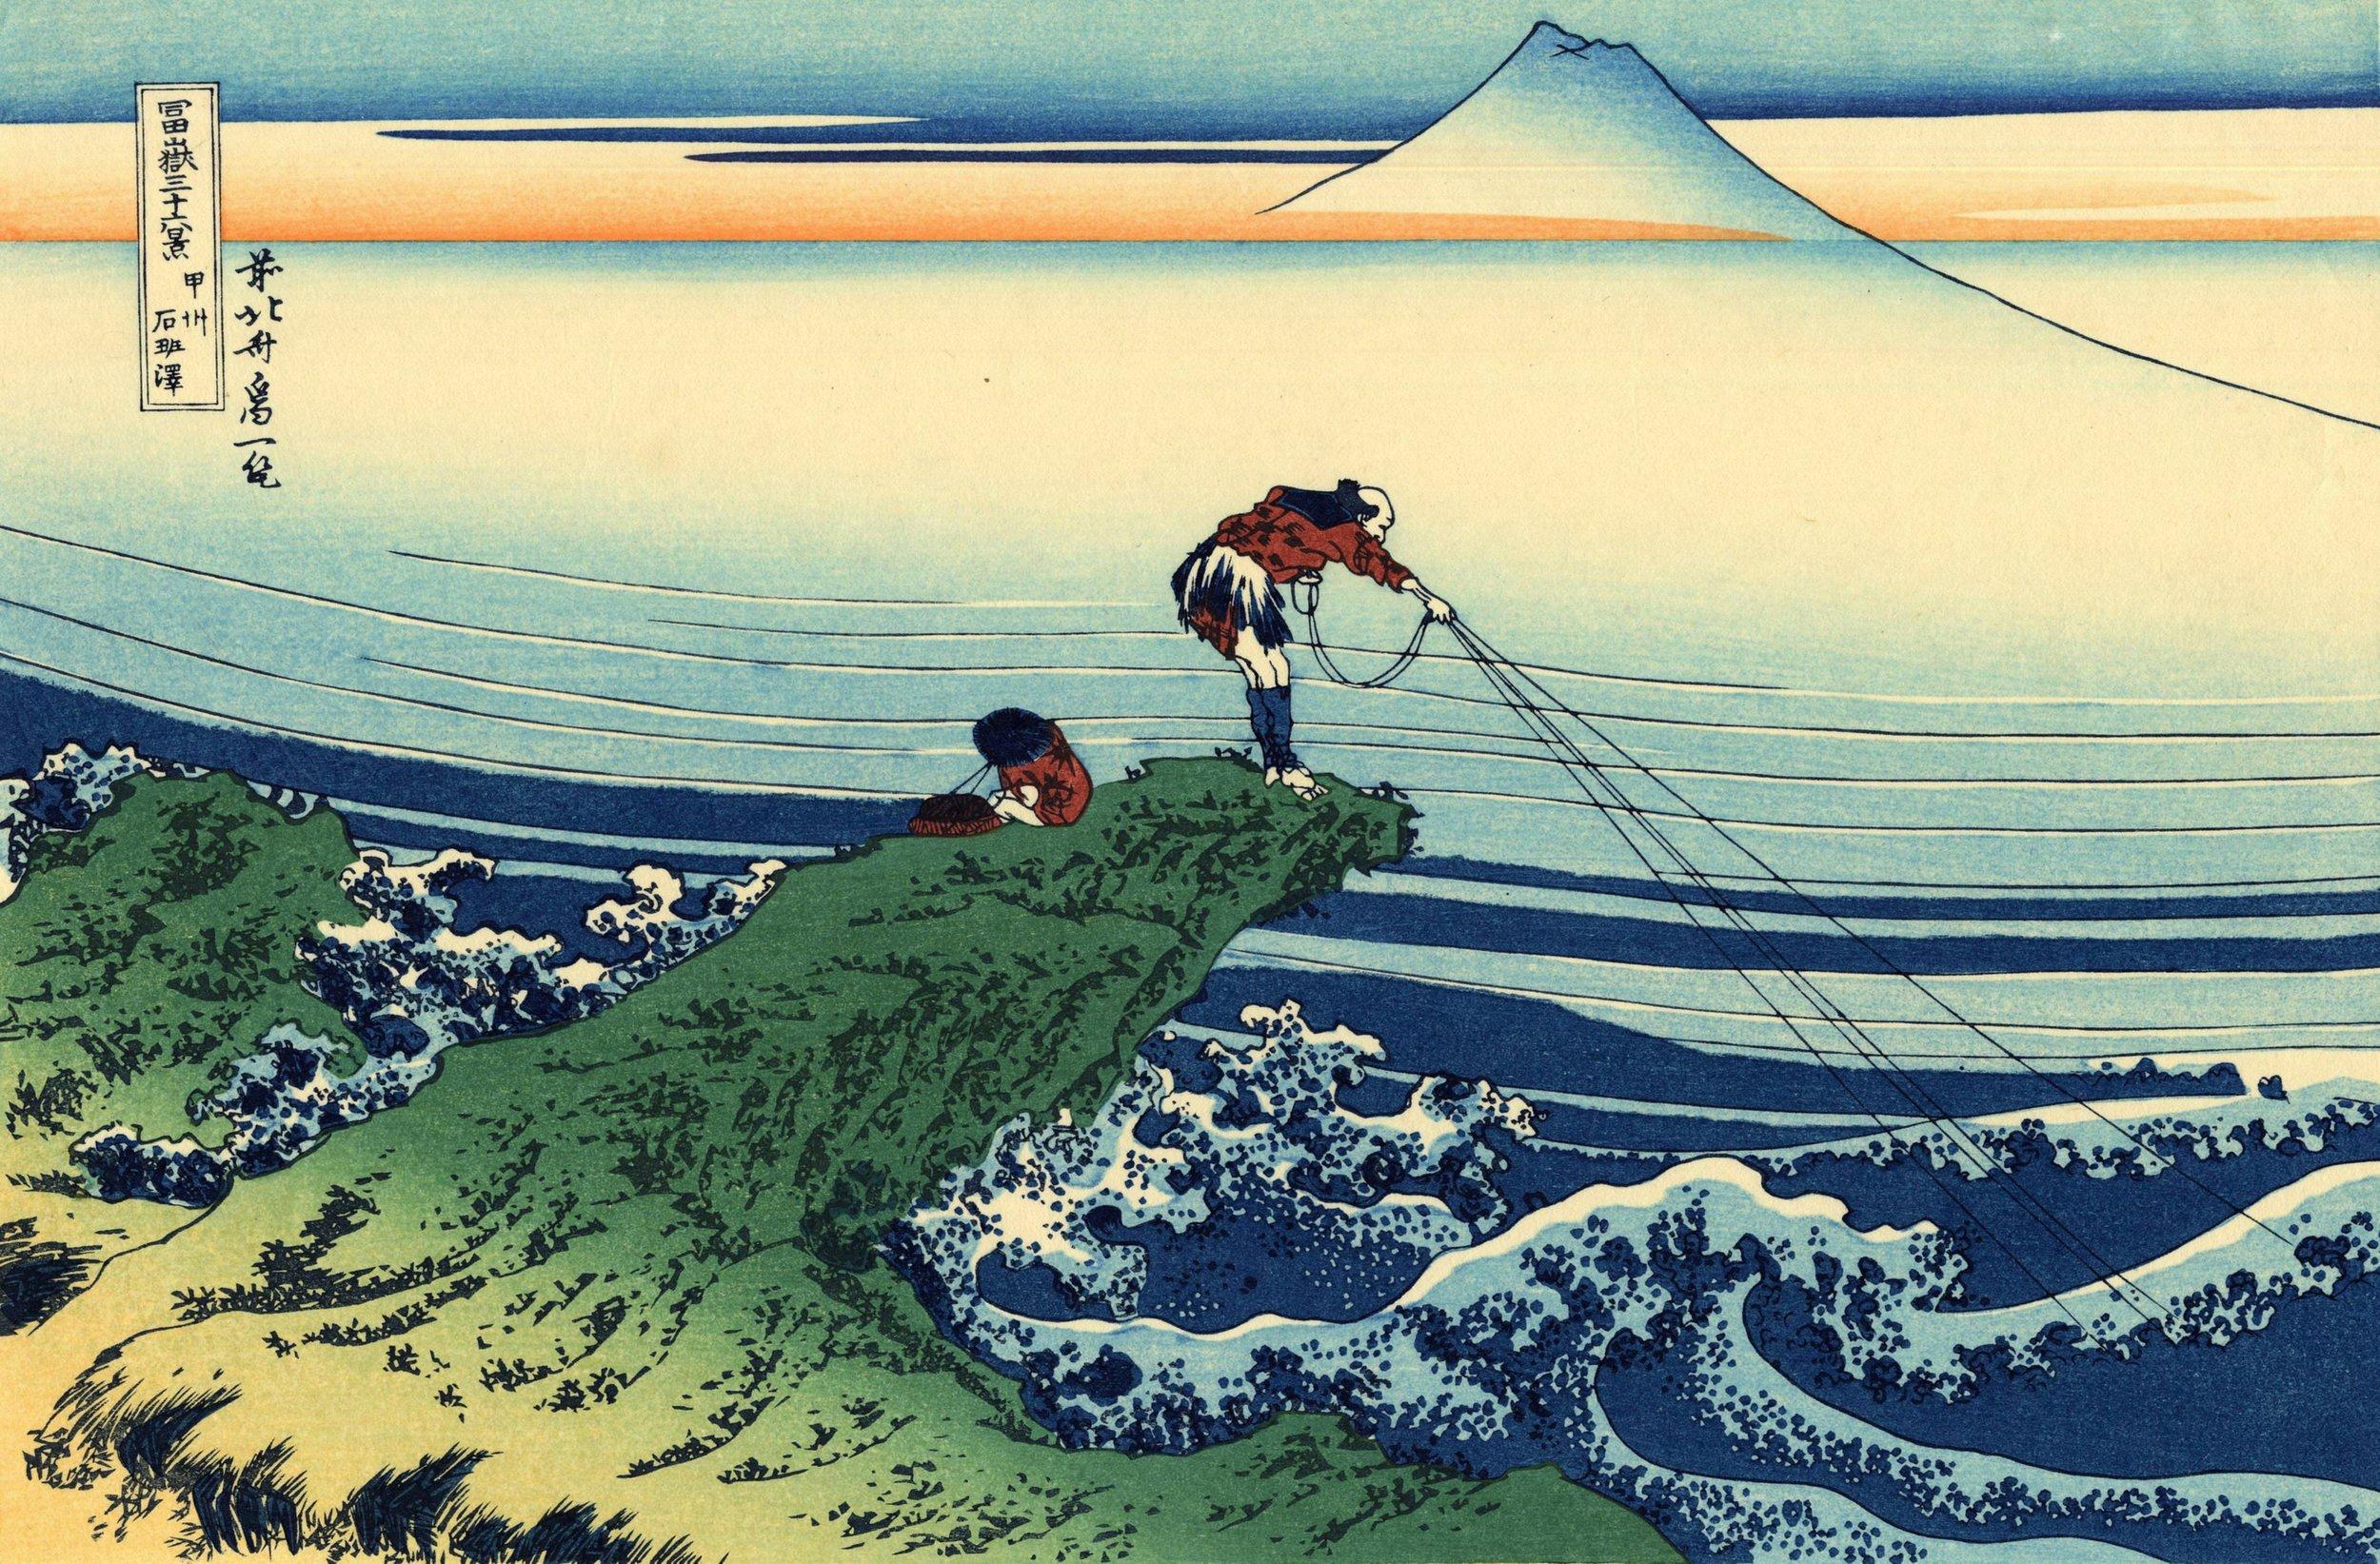 Pêche au cormoran sur un rocher , Hokusai, Extrait de la série des  Trente-six vues du Mont Fuji , 1831, Paris, galerie Huguette Berès